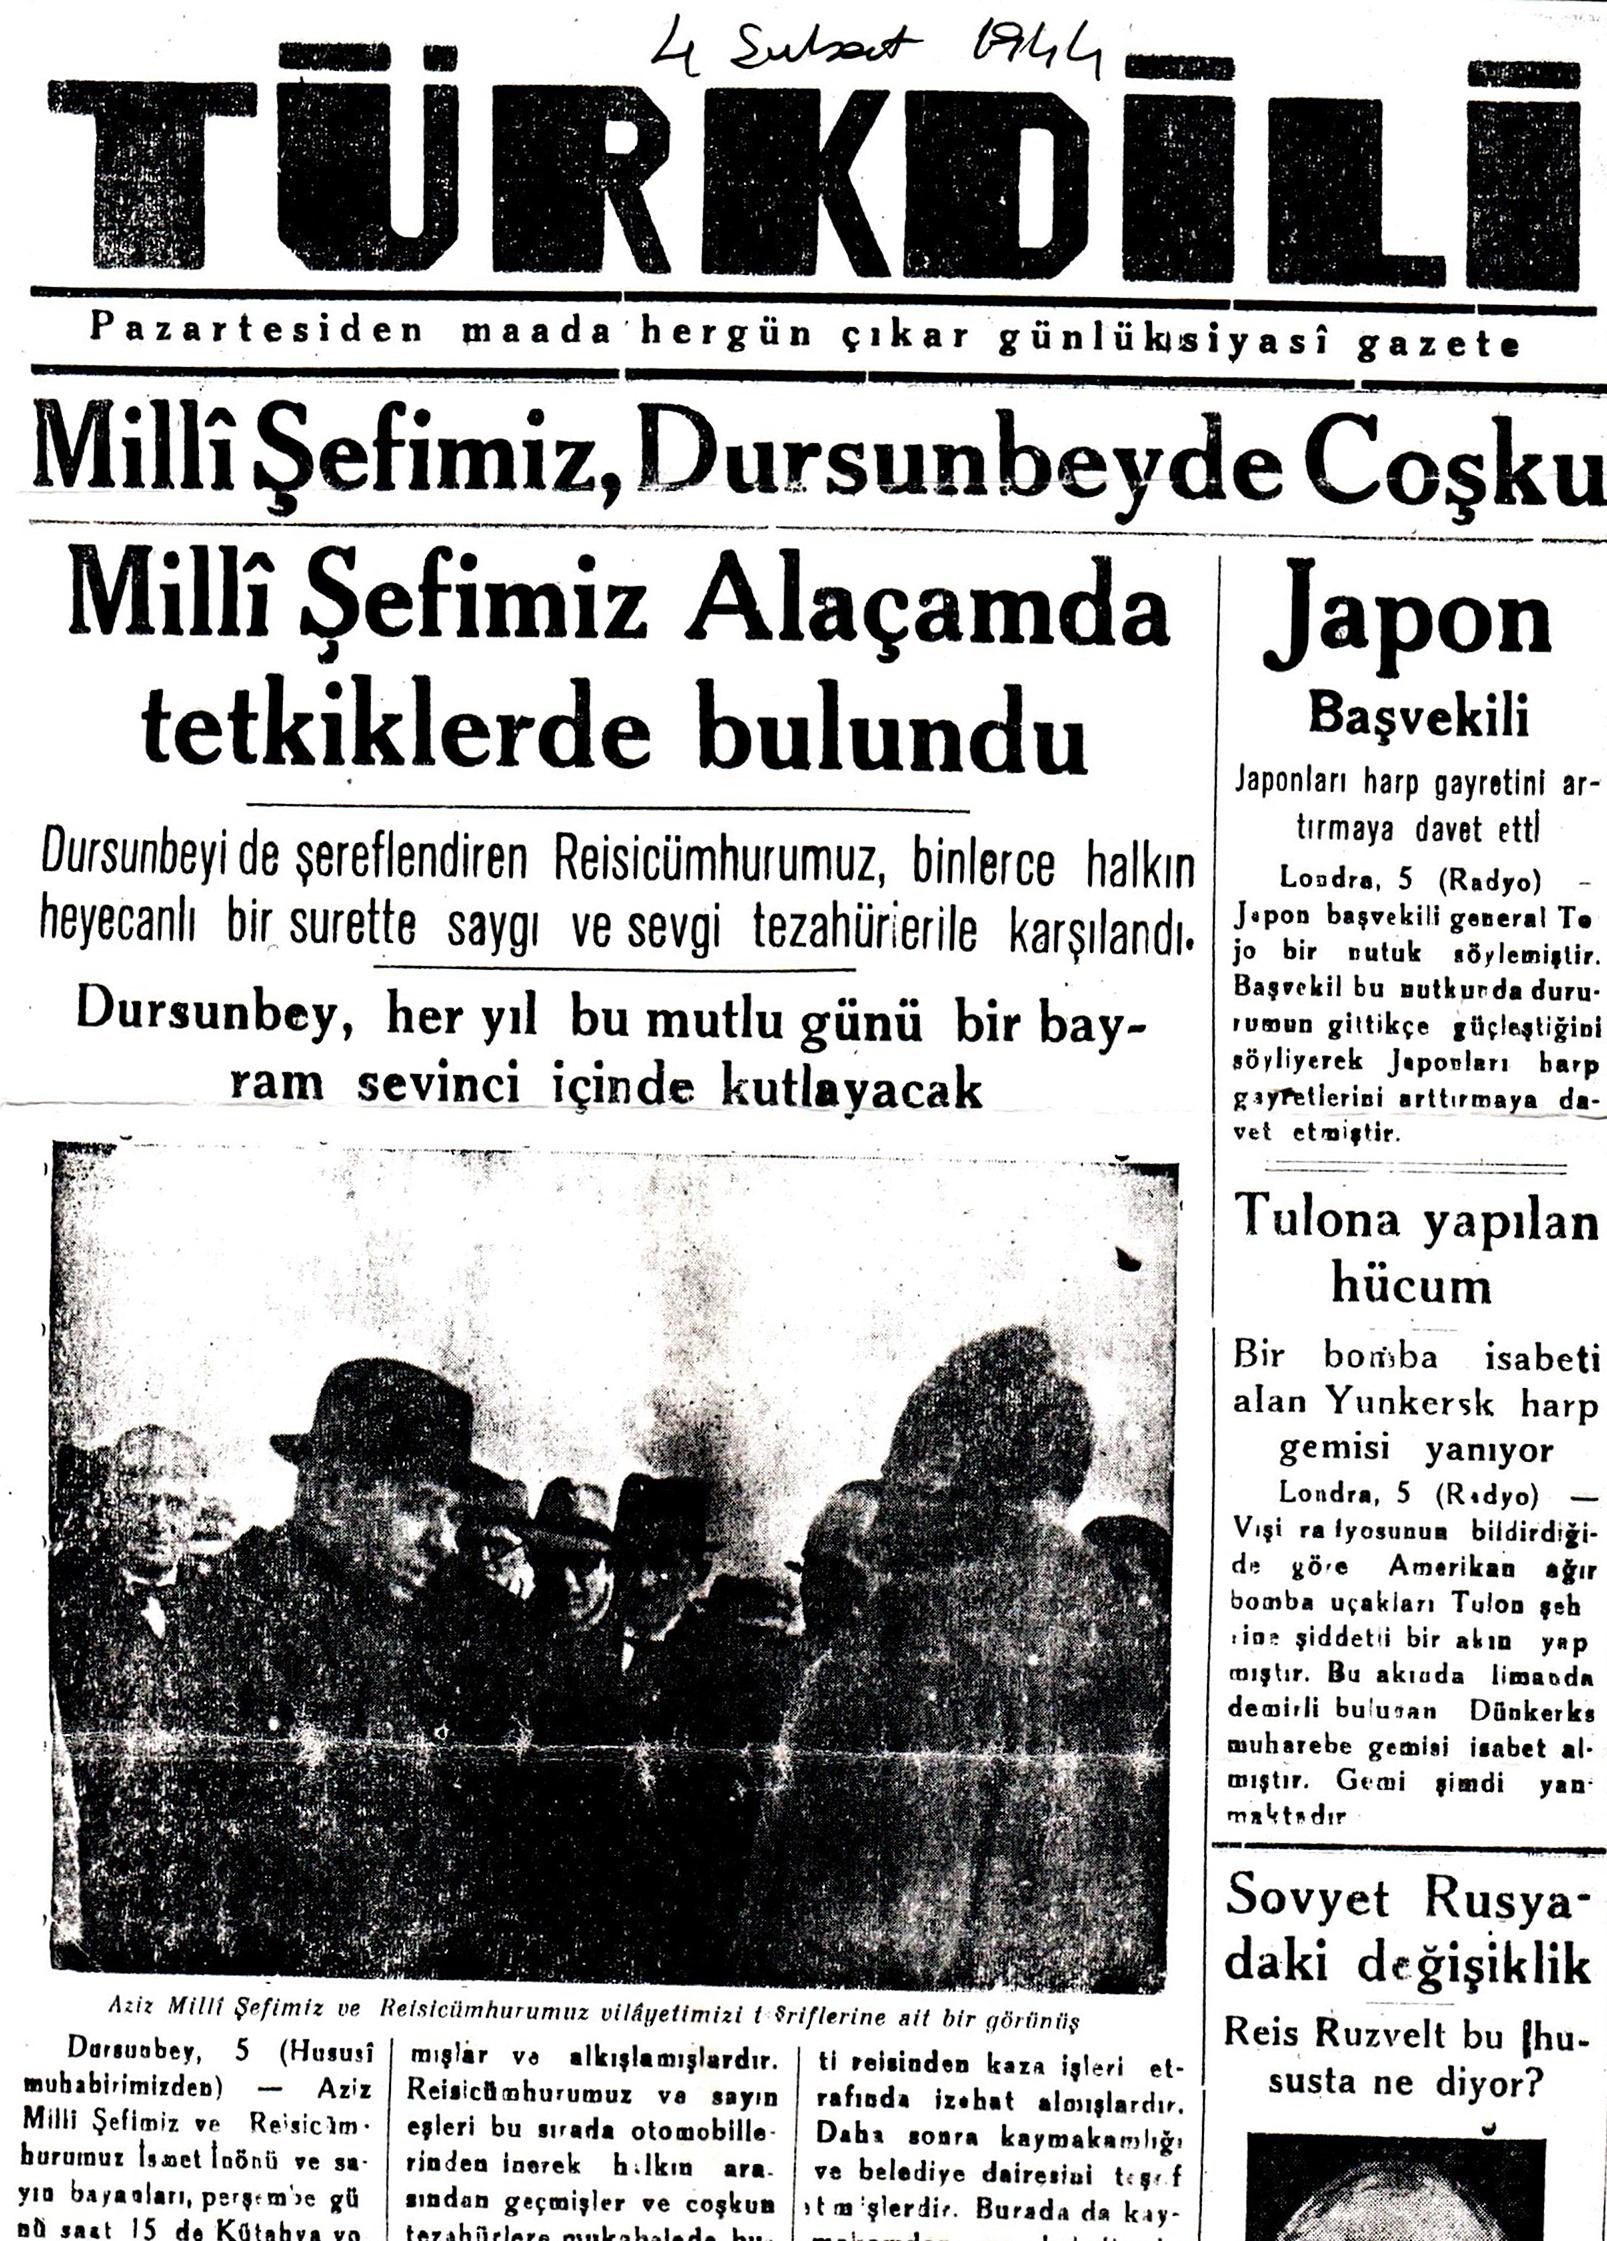 Dursunbey'in 2. Dünya Savaşındaki Tarihi Önemi 4 şubat 1944'de Reisicumhur İsmet İnönü'nün Dursunbey'i ziyareti